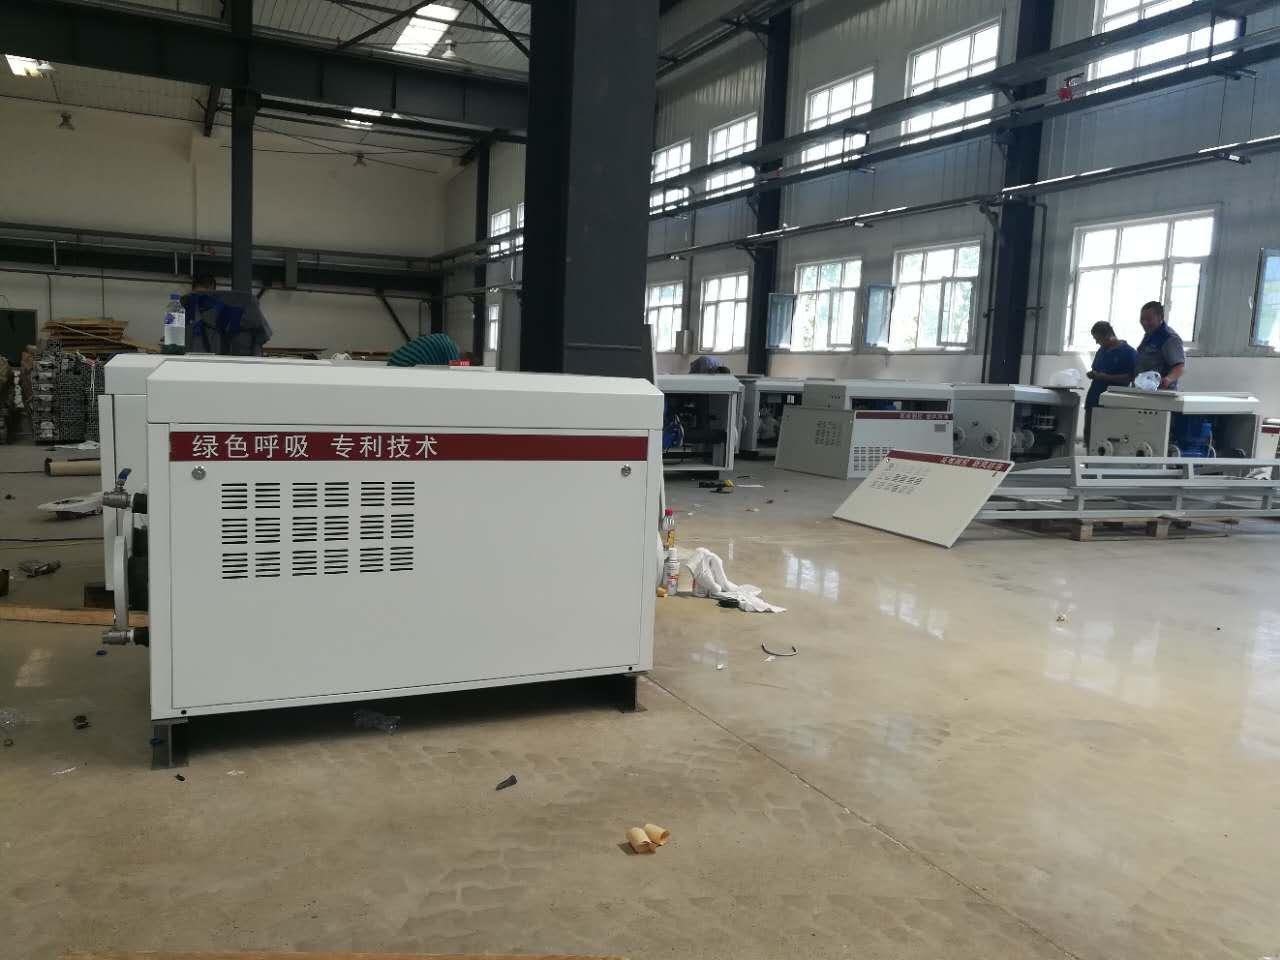 工业型热水供热空调新风防冻调控机组